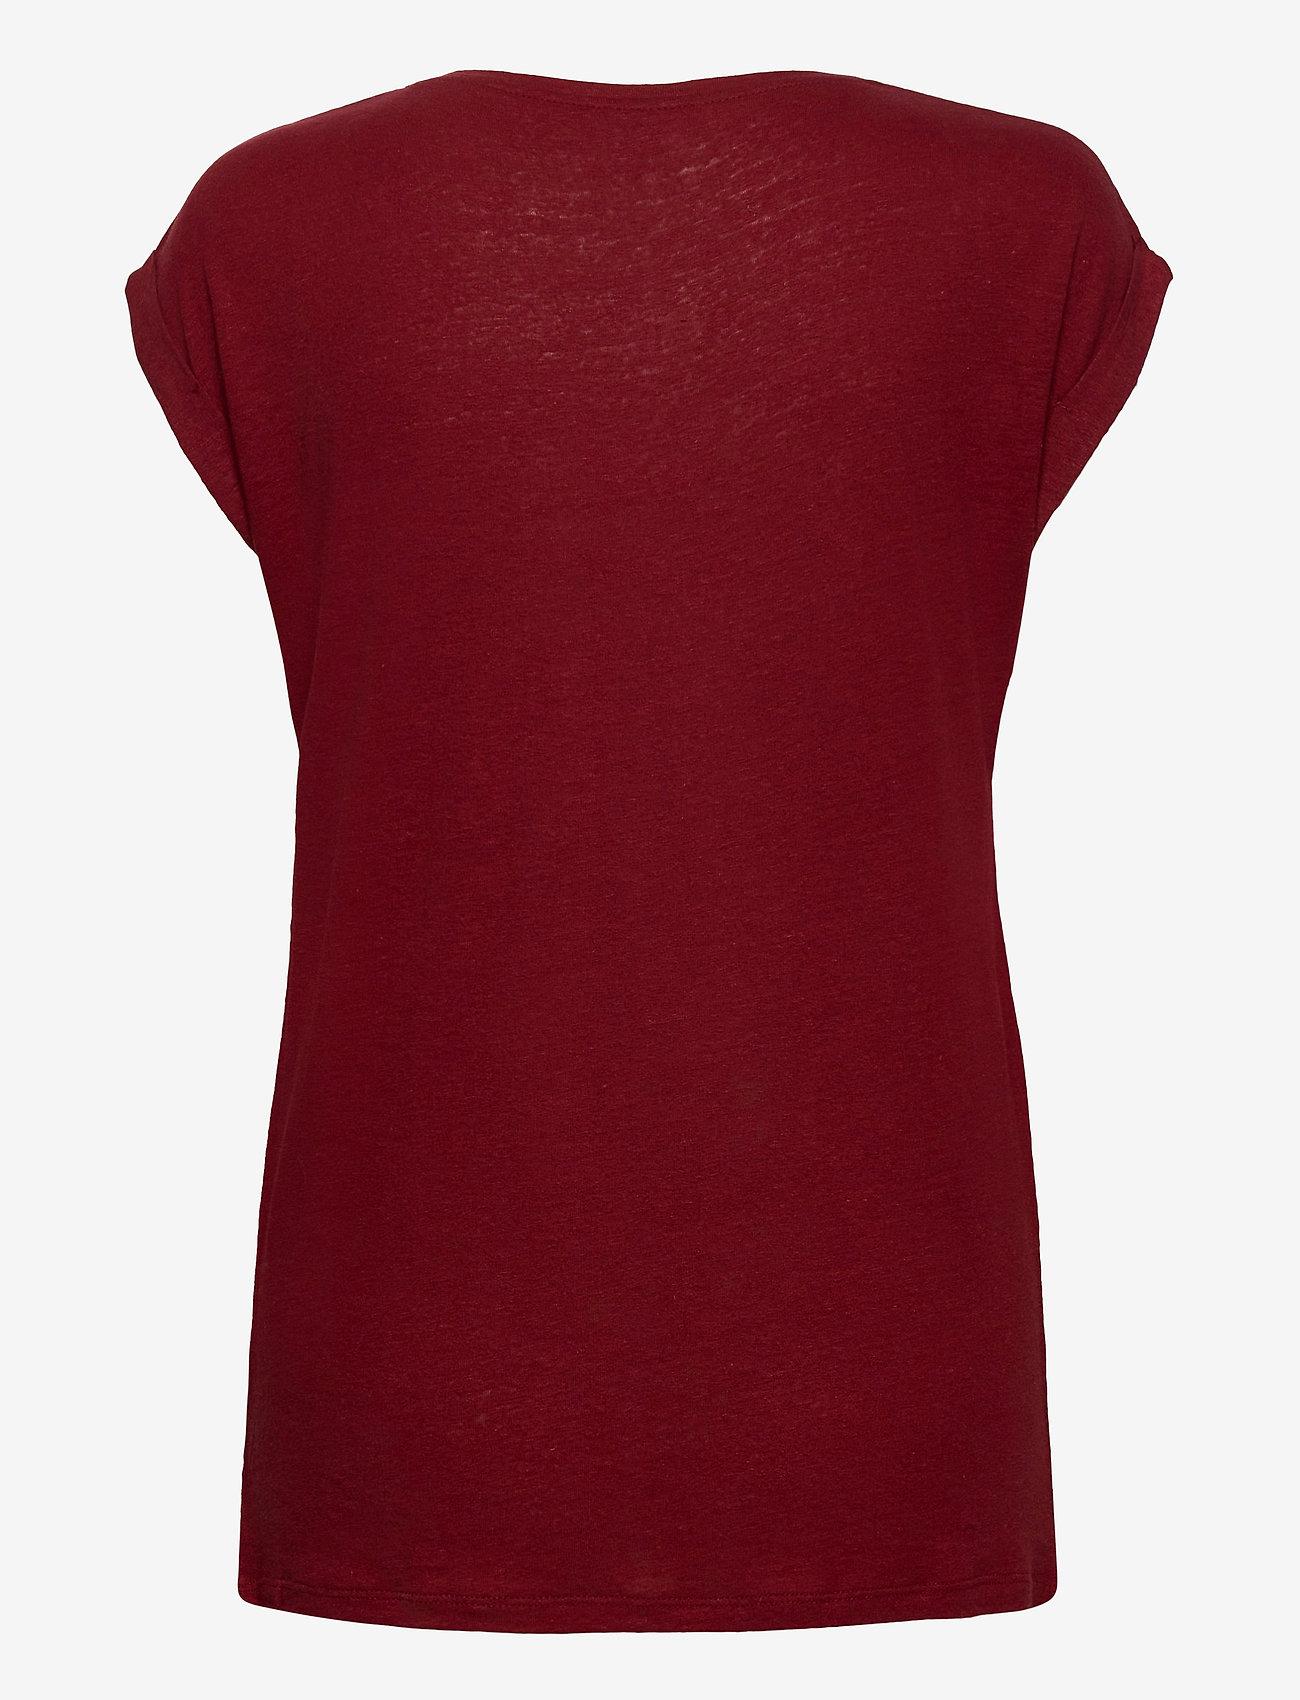 Soyaconcept - SC-ISABEL - t-shirts - syrah - 1